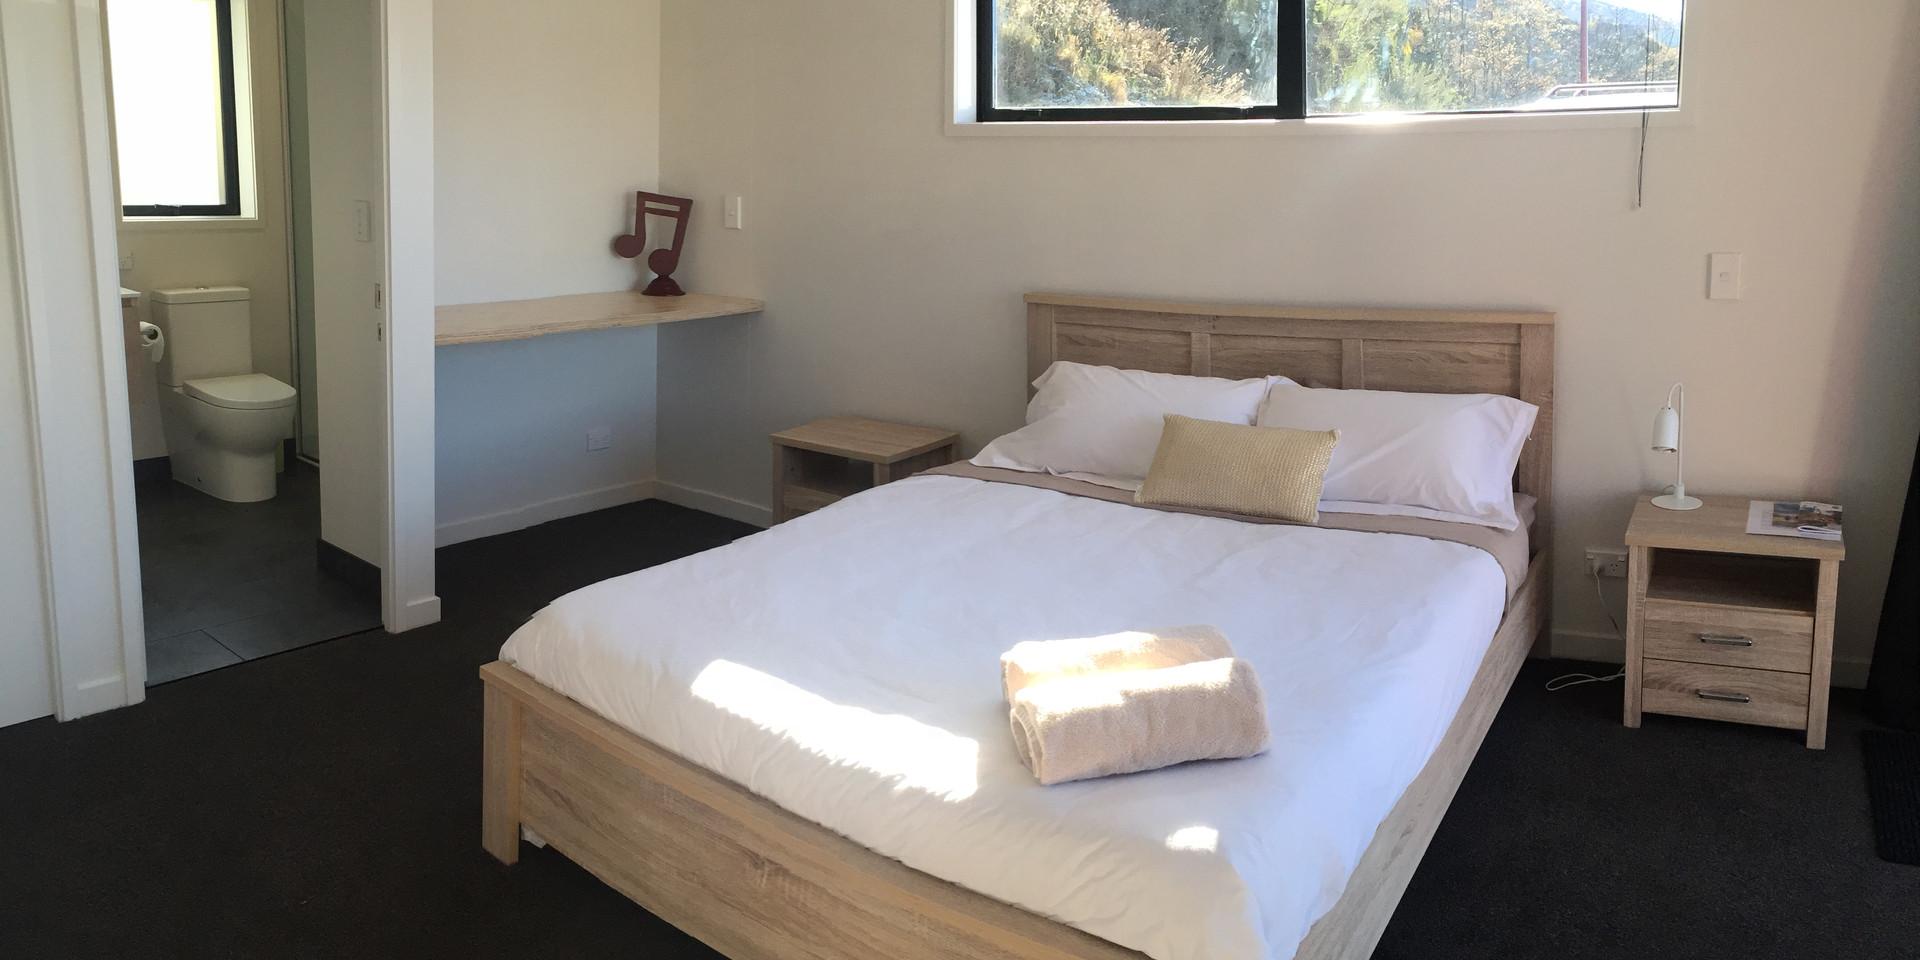 Valley + 2 Bedroom Modules bedroom